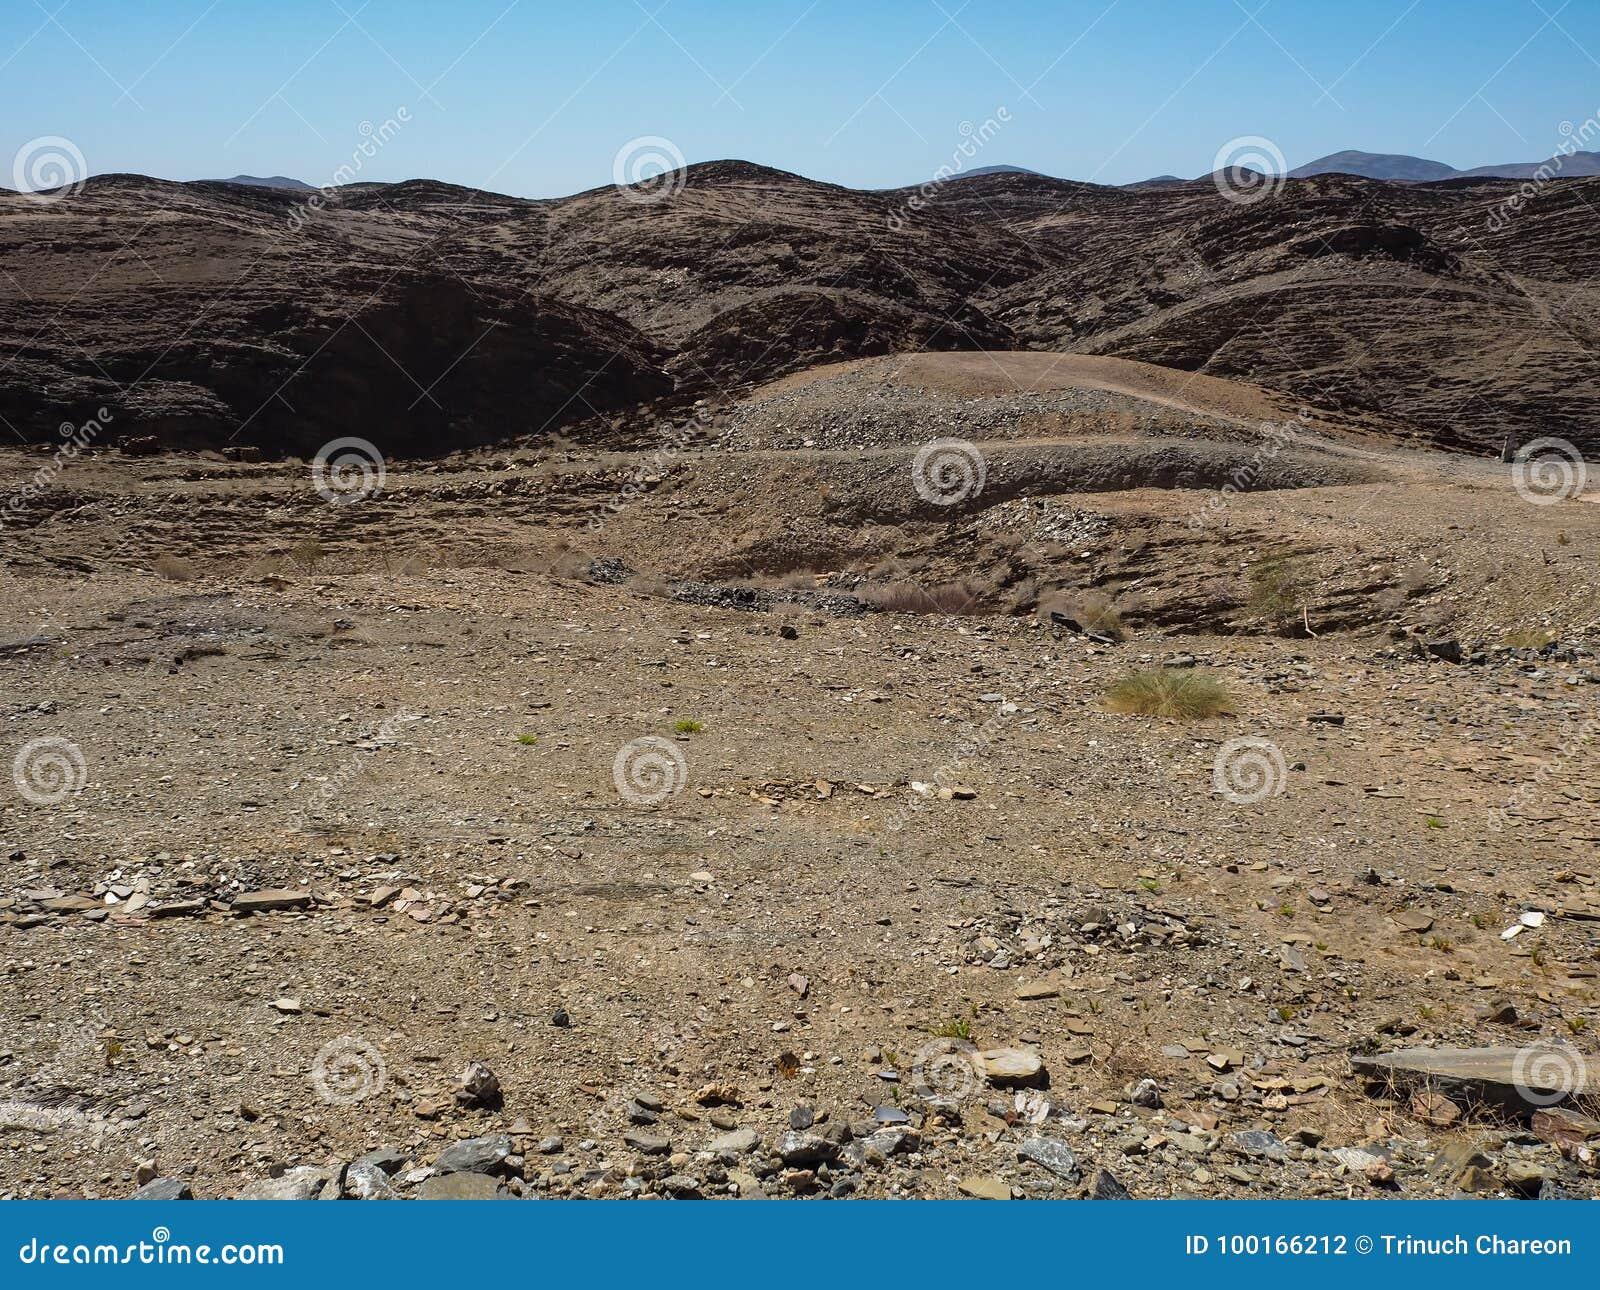 Vagga bakgrund för landskapet för bergtexturfoder av unik geografi för den Namib öknen med blixtrande stenjordning och ökenväxten